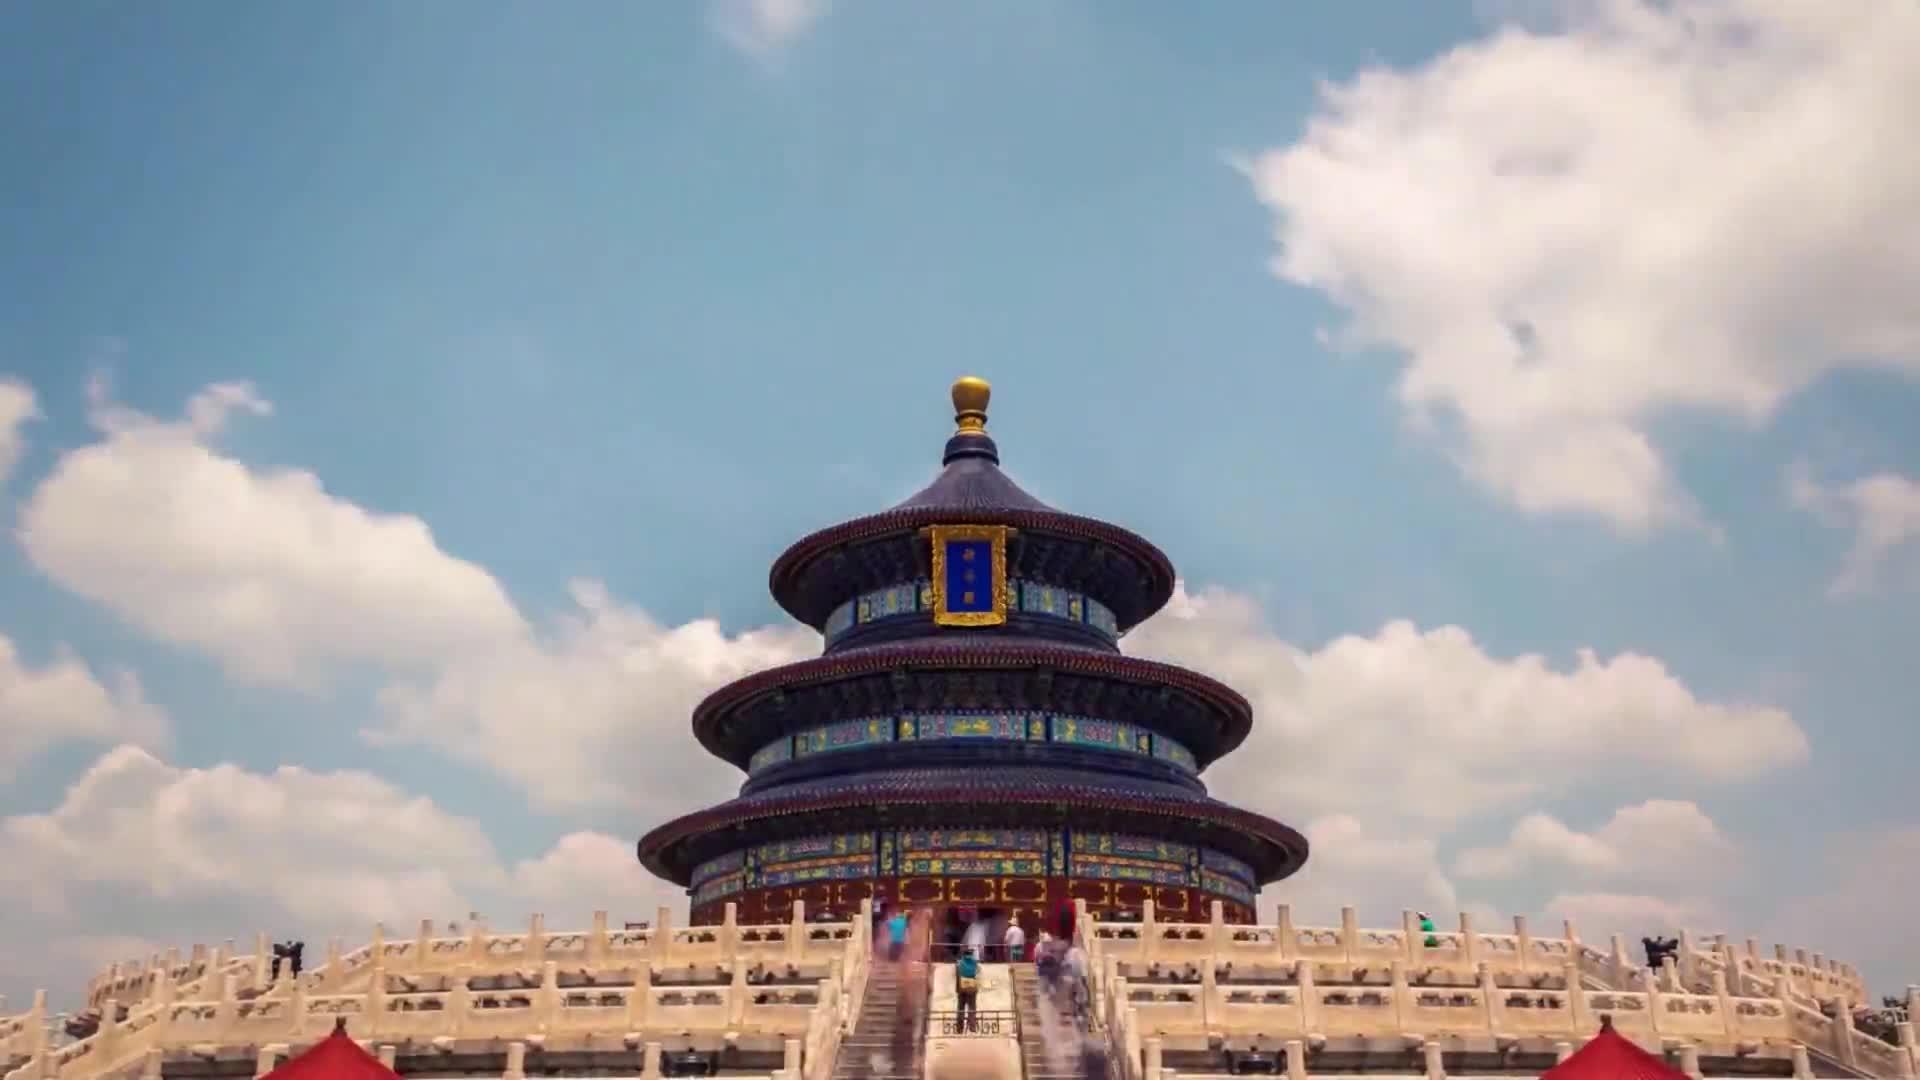 베이징 관광을 환영합니다(北京欢迎你)